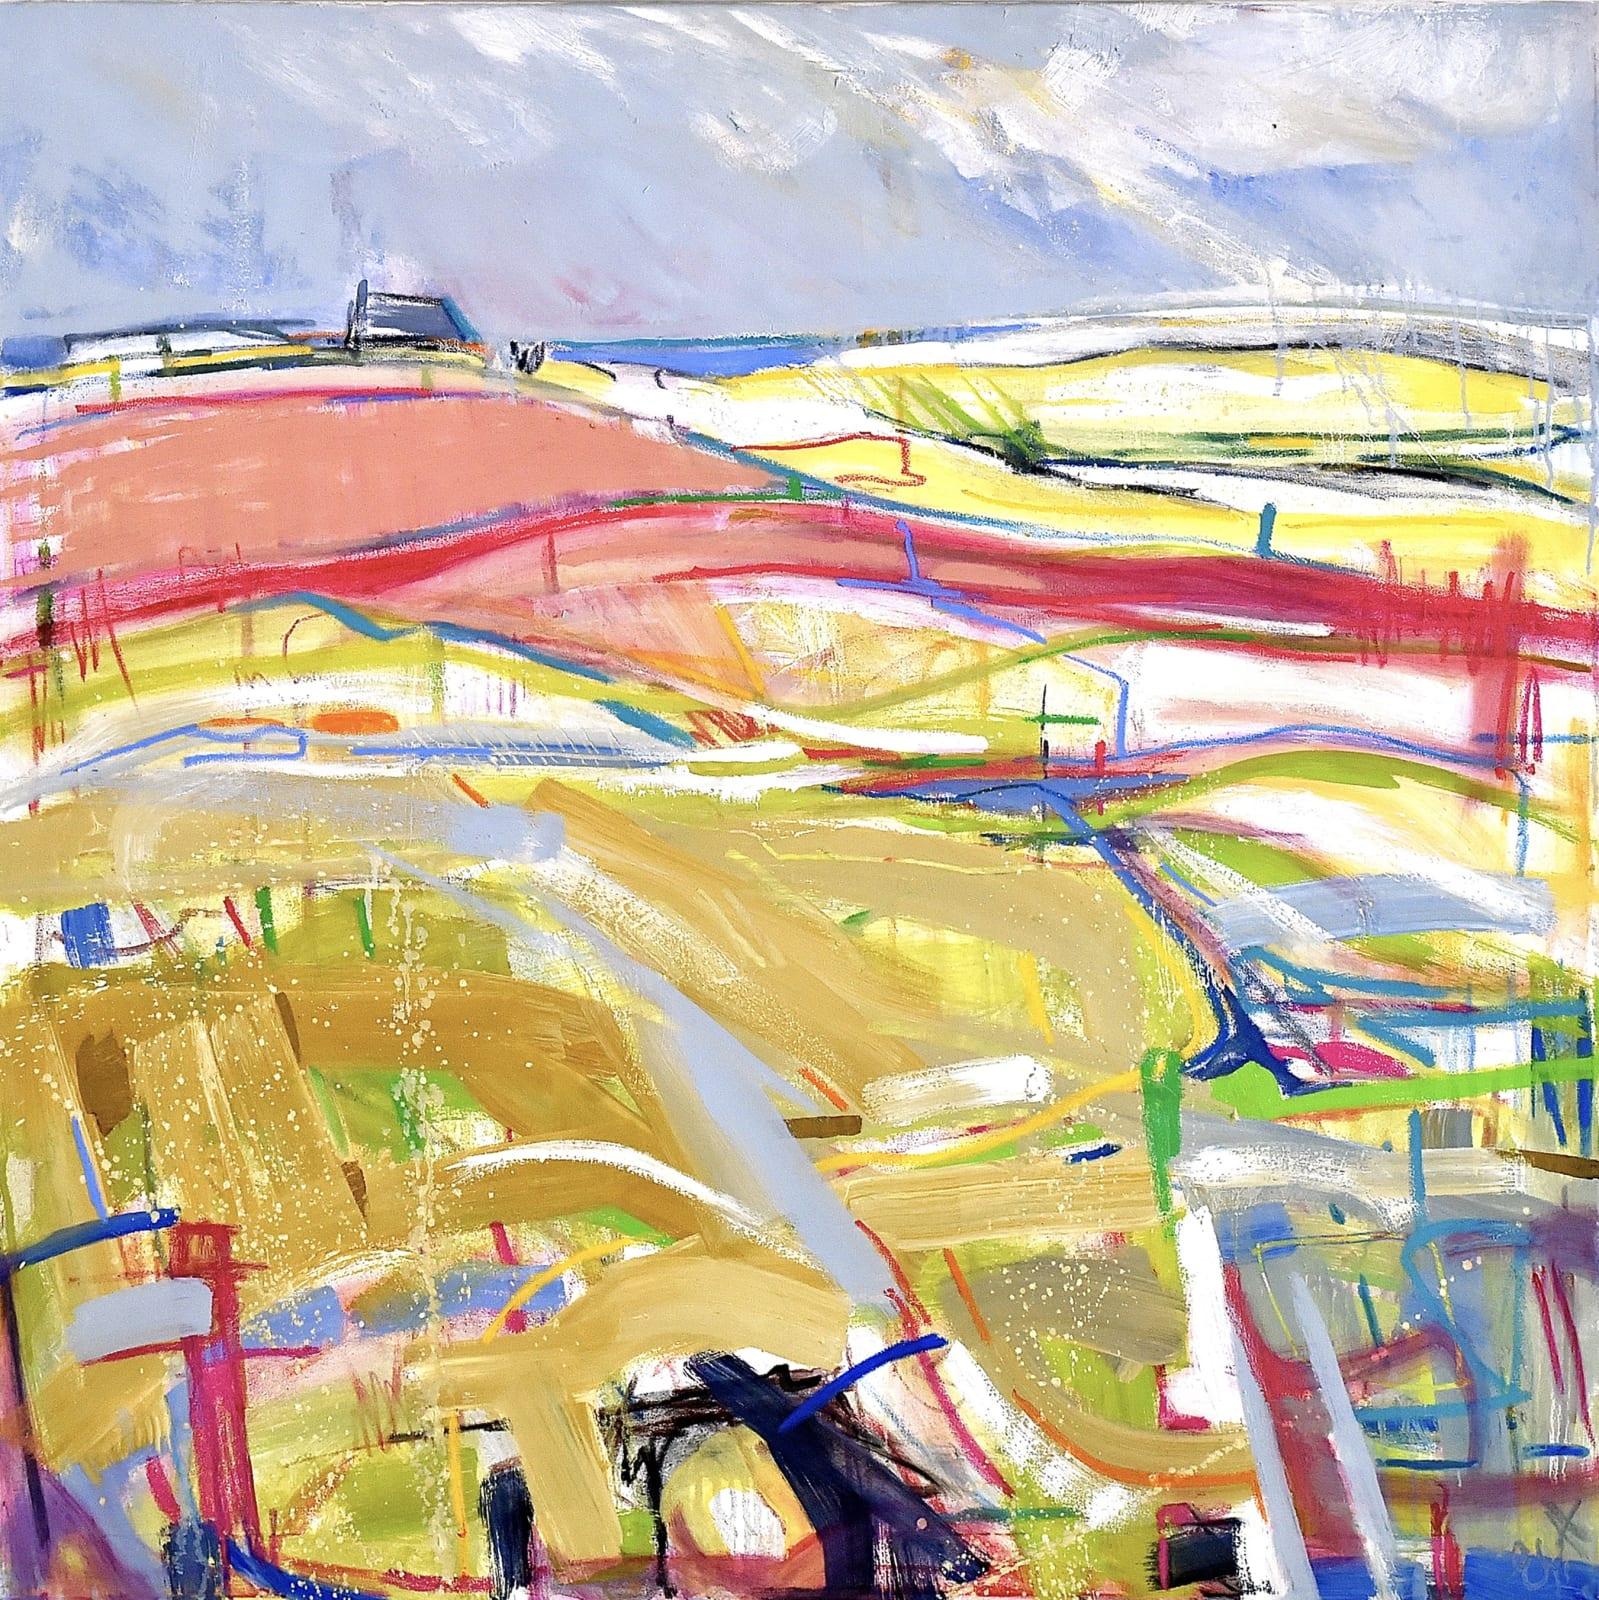 Emma Haggas, Dreaming of Cornwall